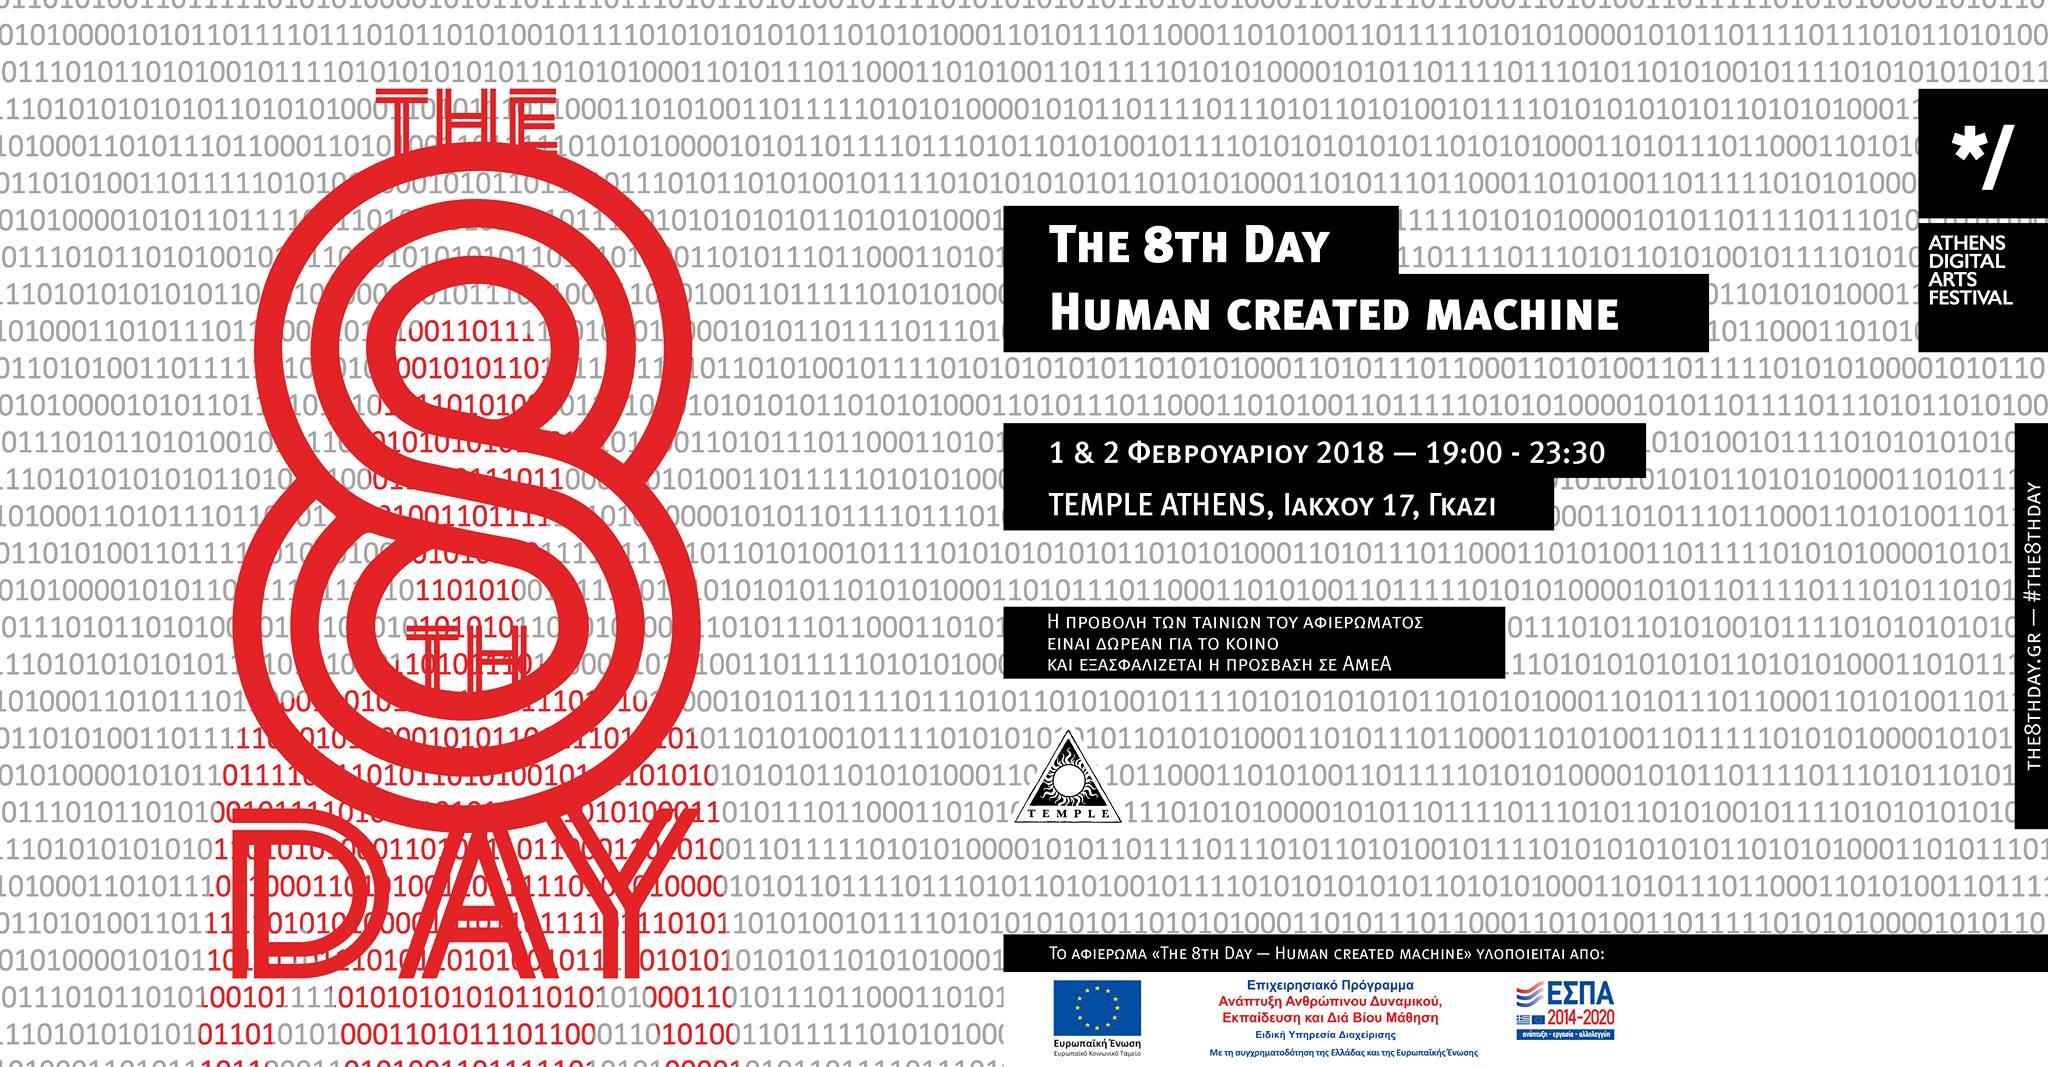 Deux jours de projections autour de la révolution technologique avec le Athens Digital Arts Festival